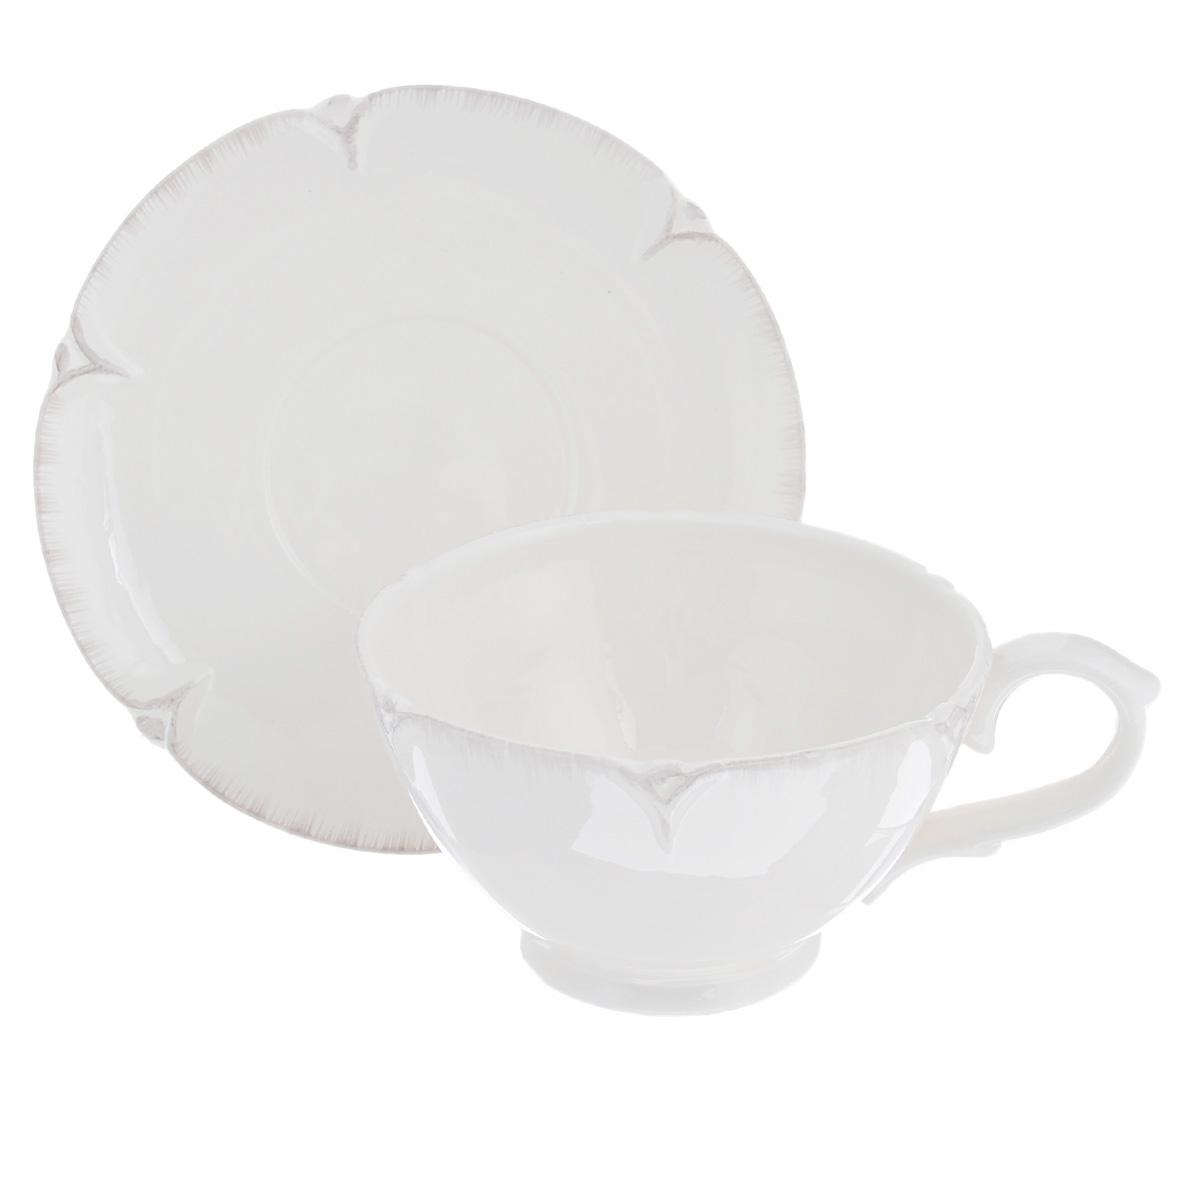 Чайная пара Lillo Ideal, 2 предмета. 214951115510Чайная пара Lillo Ideal сочетает в себе изысканный дизайн с максимальной функциональностью. Чашка с блюдцем выполнены из высококачественной керамики. Оформление придется по вкусу и ценителям классики, и тем, кто предпочитает утонченность и изысканность. Такая чайная пара станет отличным сувениром для ваших друзей и близких.Можно использовать в посудомоечной машине и микроволновой печи. Диаметр чашки по верхнему краю: 13,5 см.Высота чашки: 8 см.Объем чашки: 540 мл.Диаметр блюдца: 18,5 см.